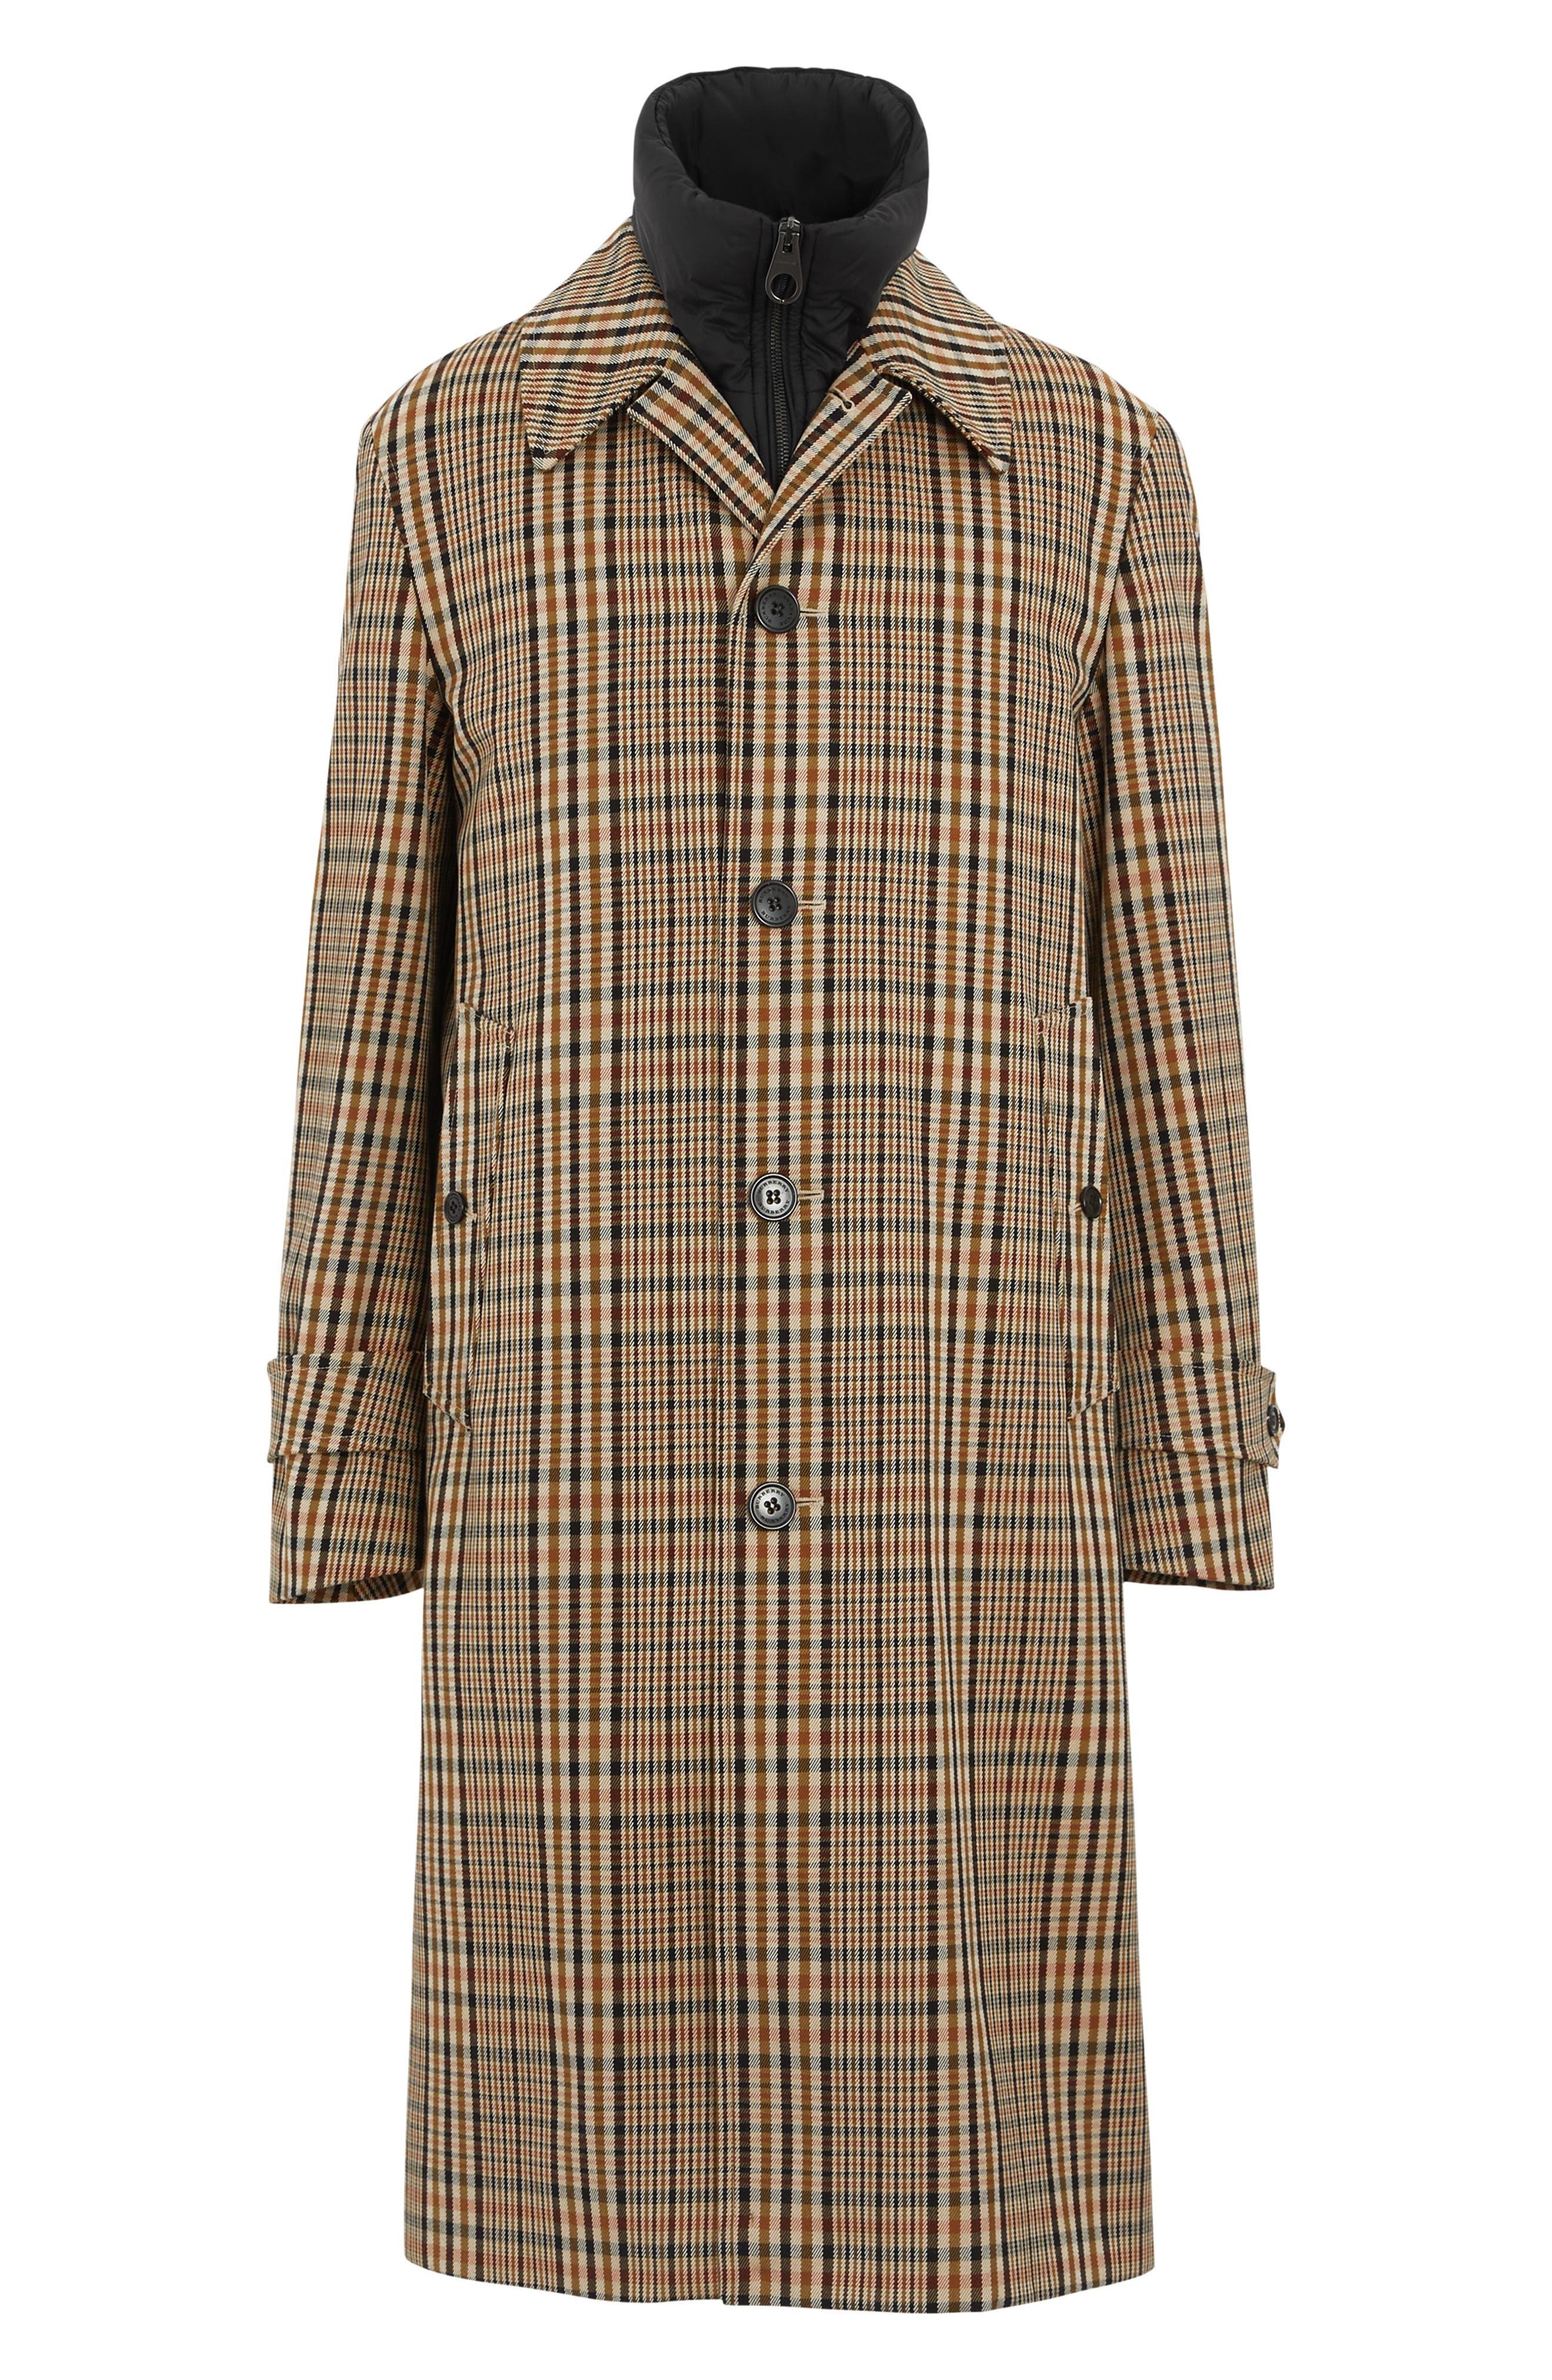 BURBERRY, Lenthorne Check Car Coat with Detachable Vest, Alternate thumbnail 6, color, DARK CAMEL